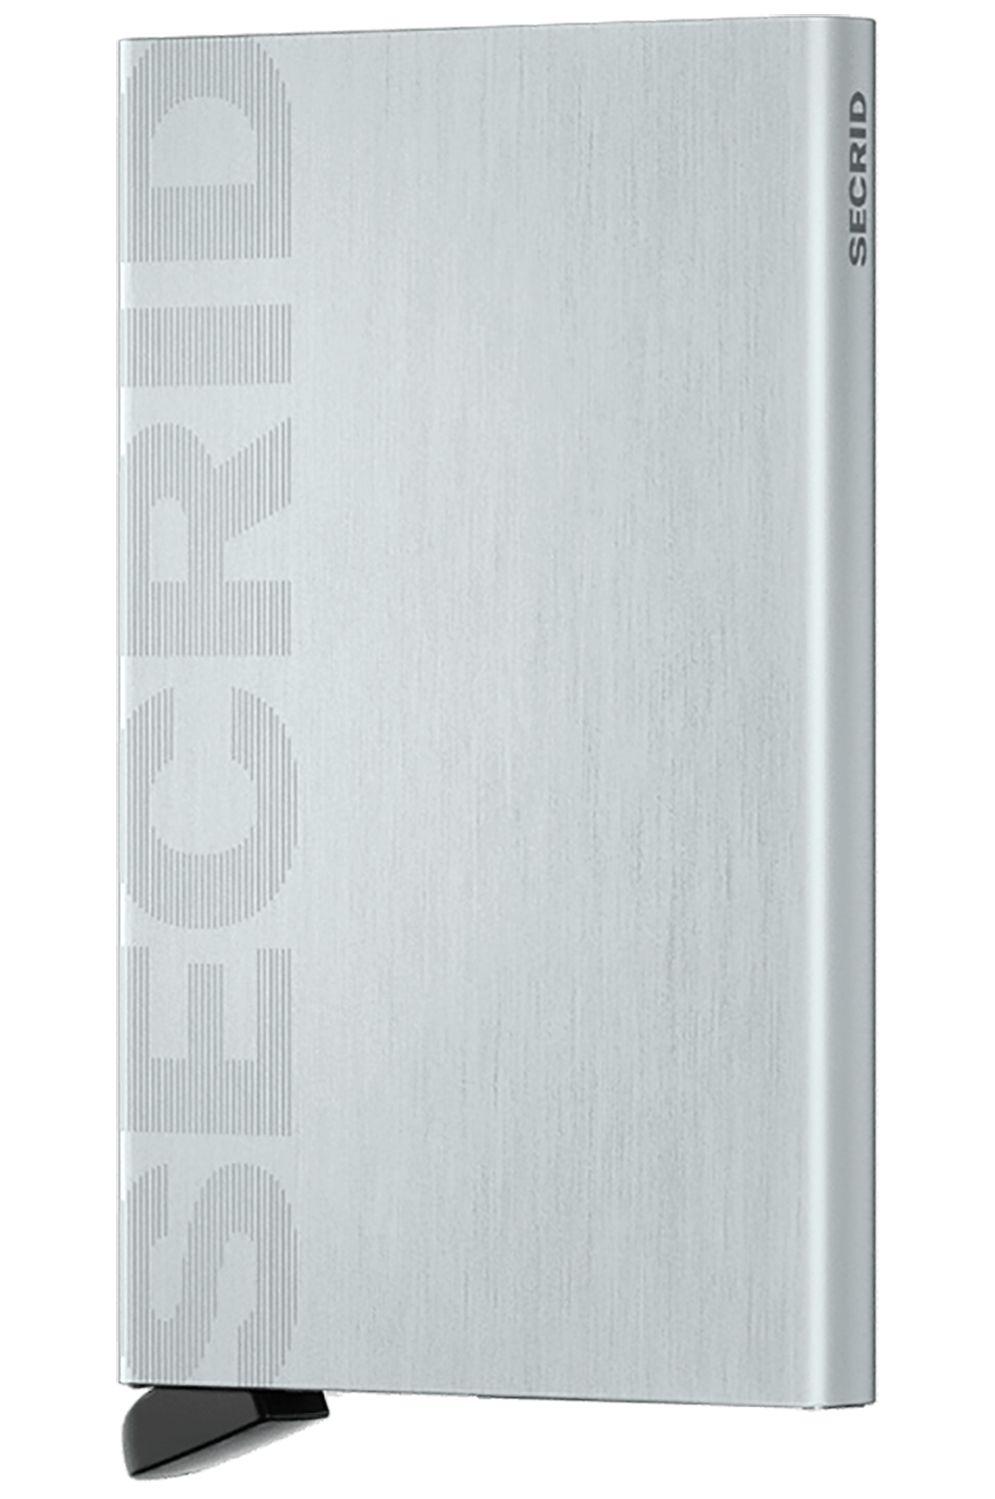 Secrid Leather Wallet CARDPROTECTOR LASER Logo Brushed Silver